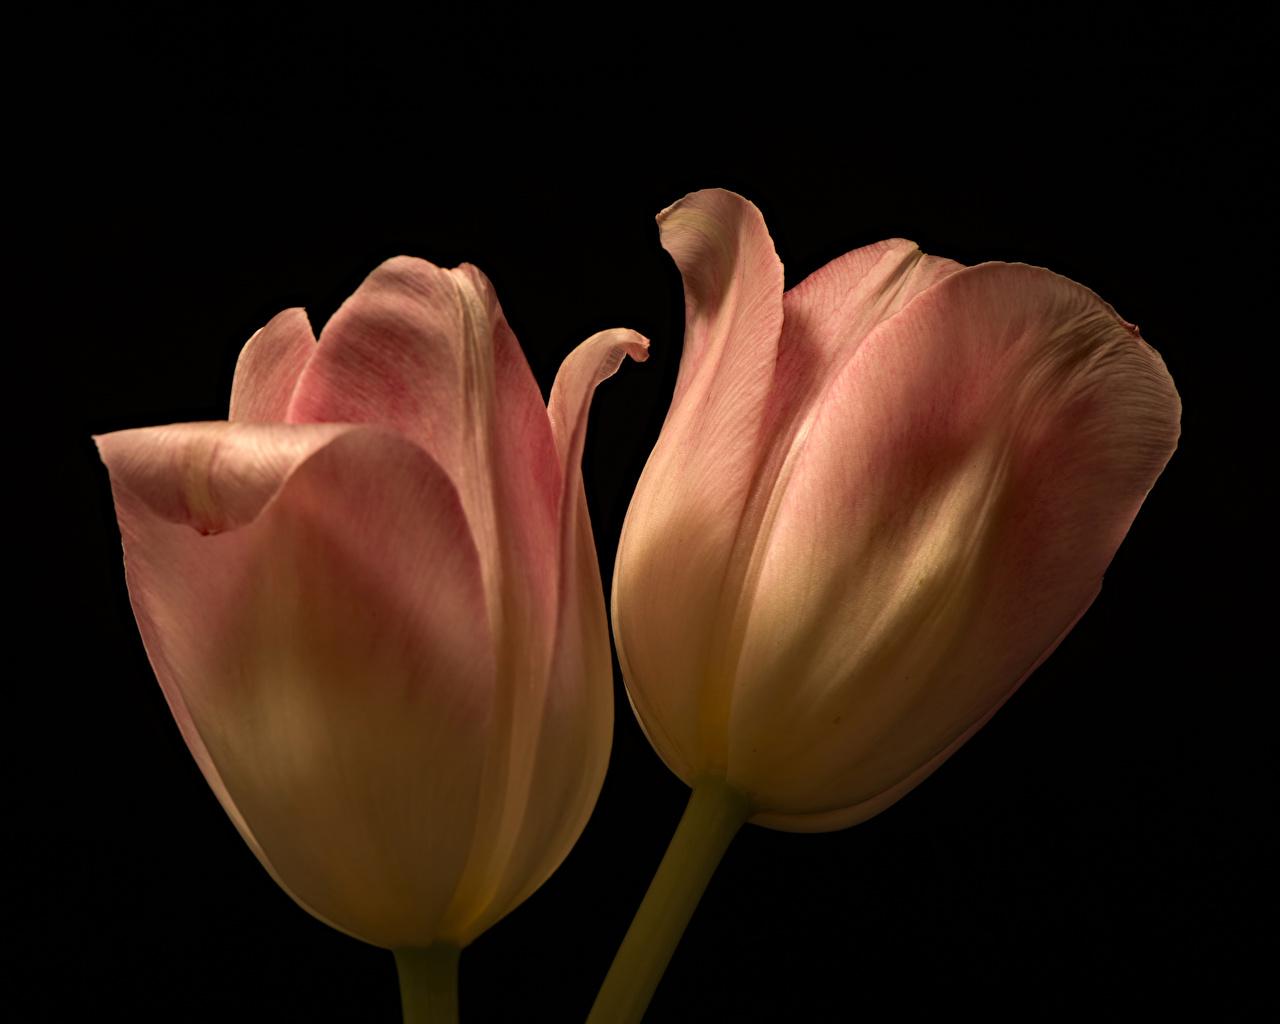 Foto 2 Tulpen Blumen hautnah Schwarzer Hintergrund Zwei Blüte Nahaufnahme Großansicht